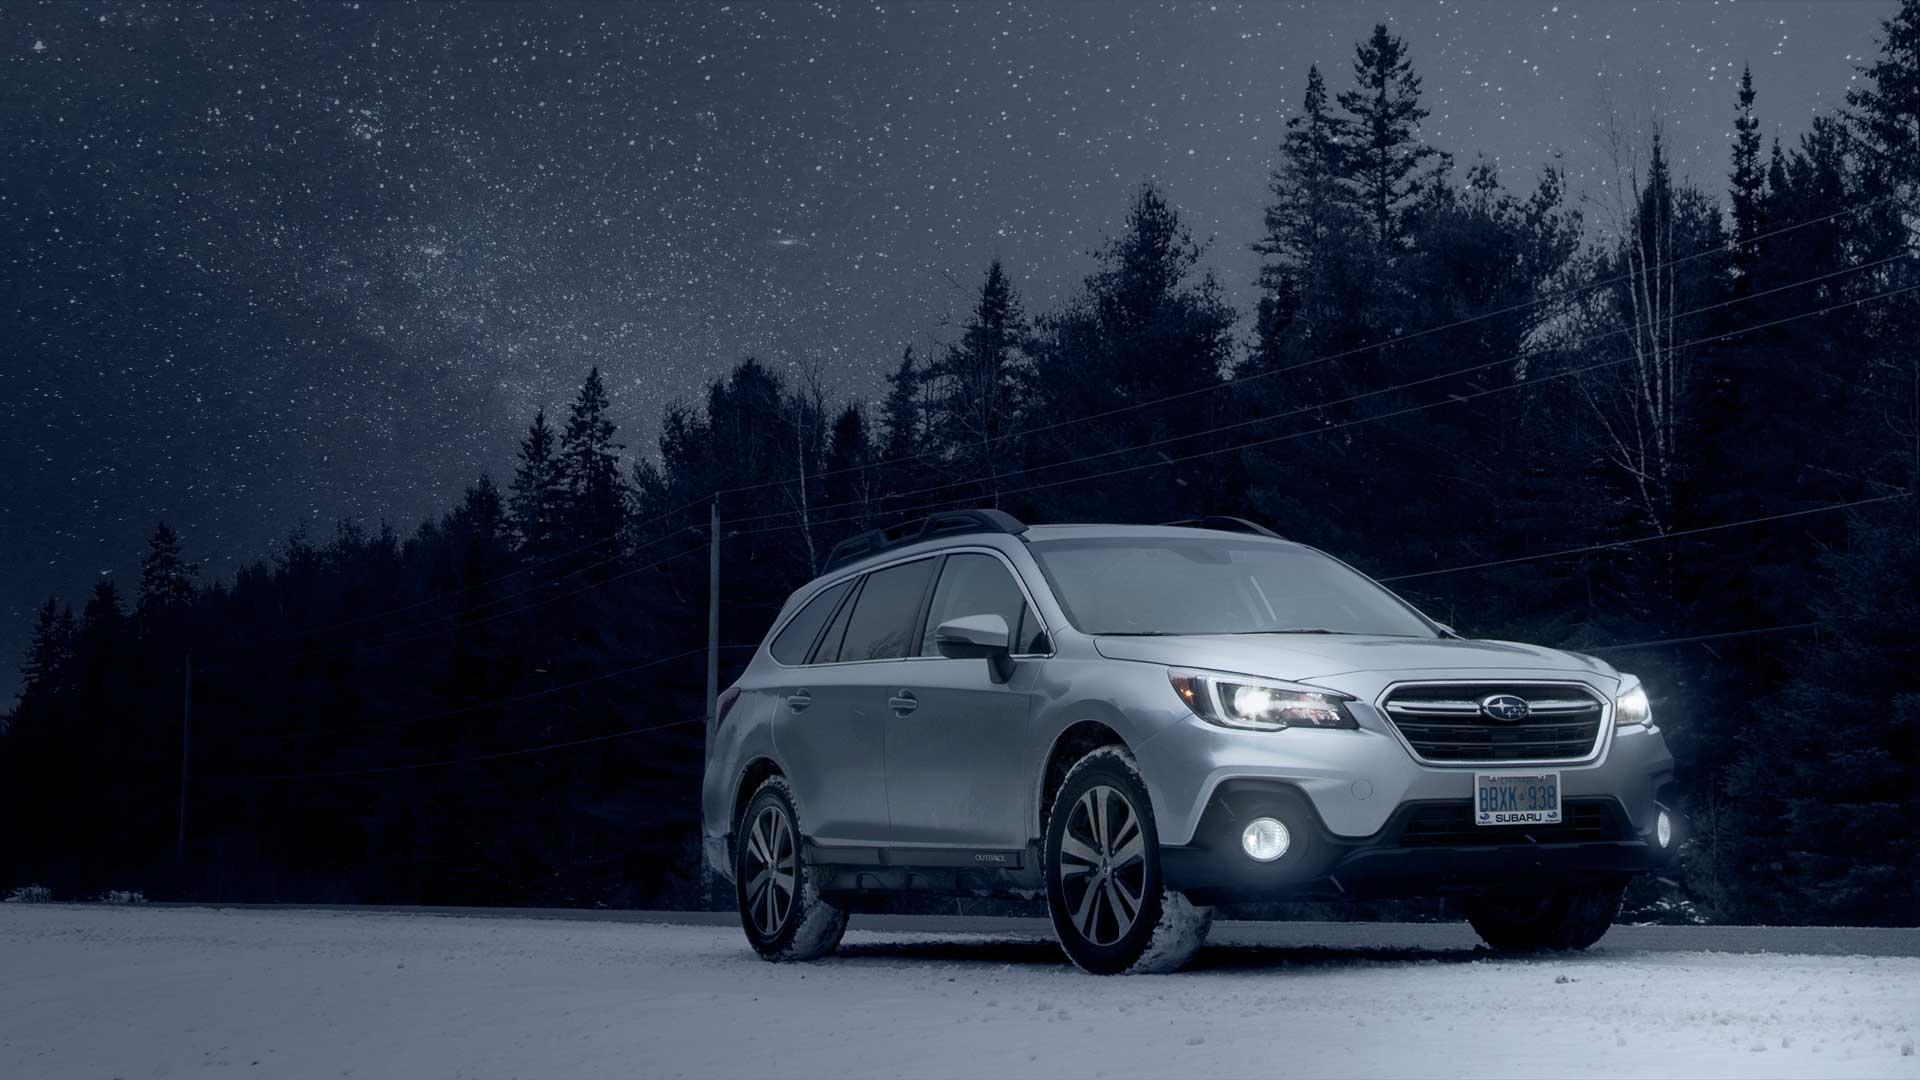 Dark Sky 2018 Outback Subaru Canada